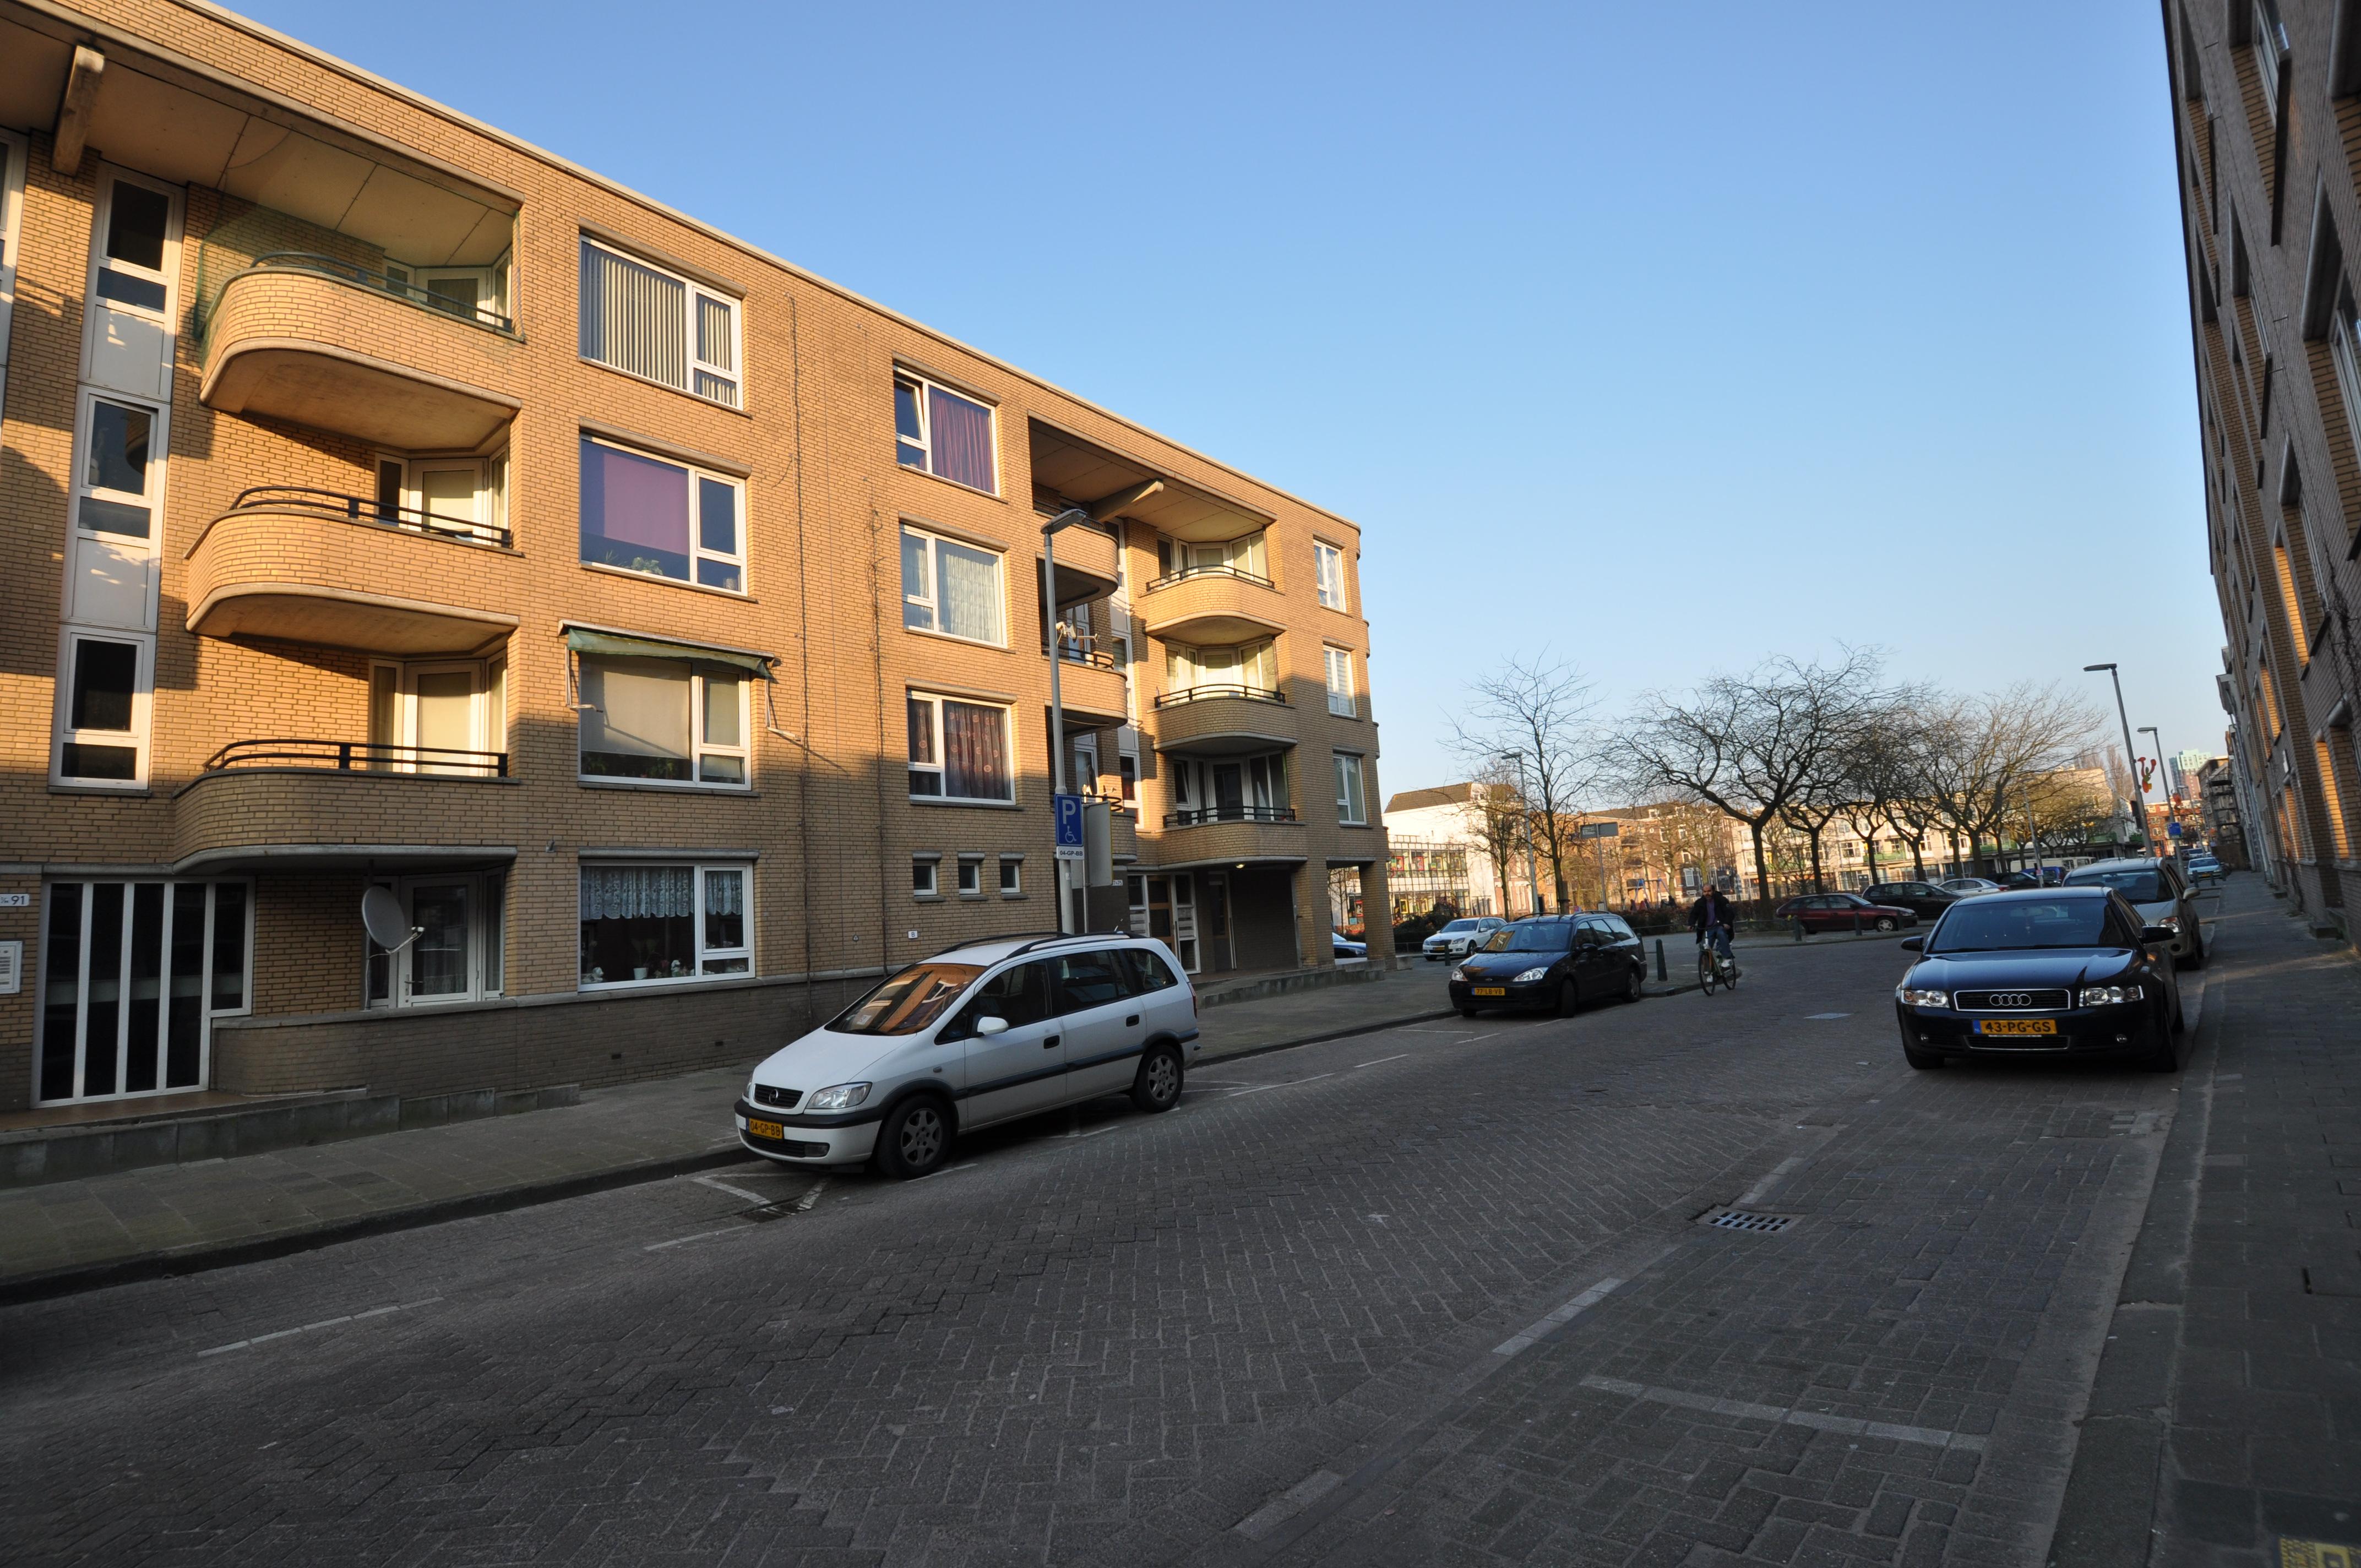 Woelwijkstraat 85: For sale 3 room apartment in Rotterdam Oude Noorden.